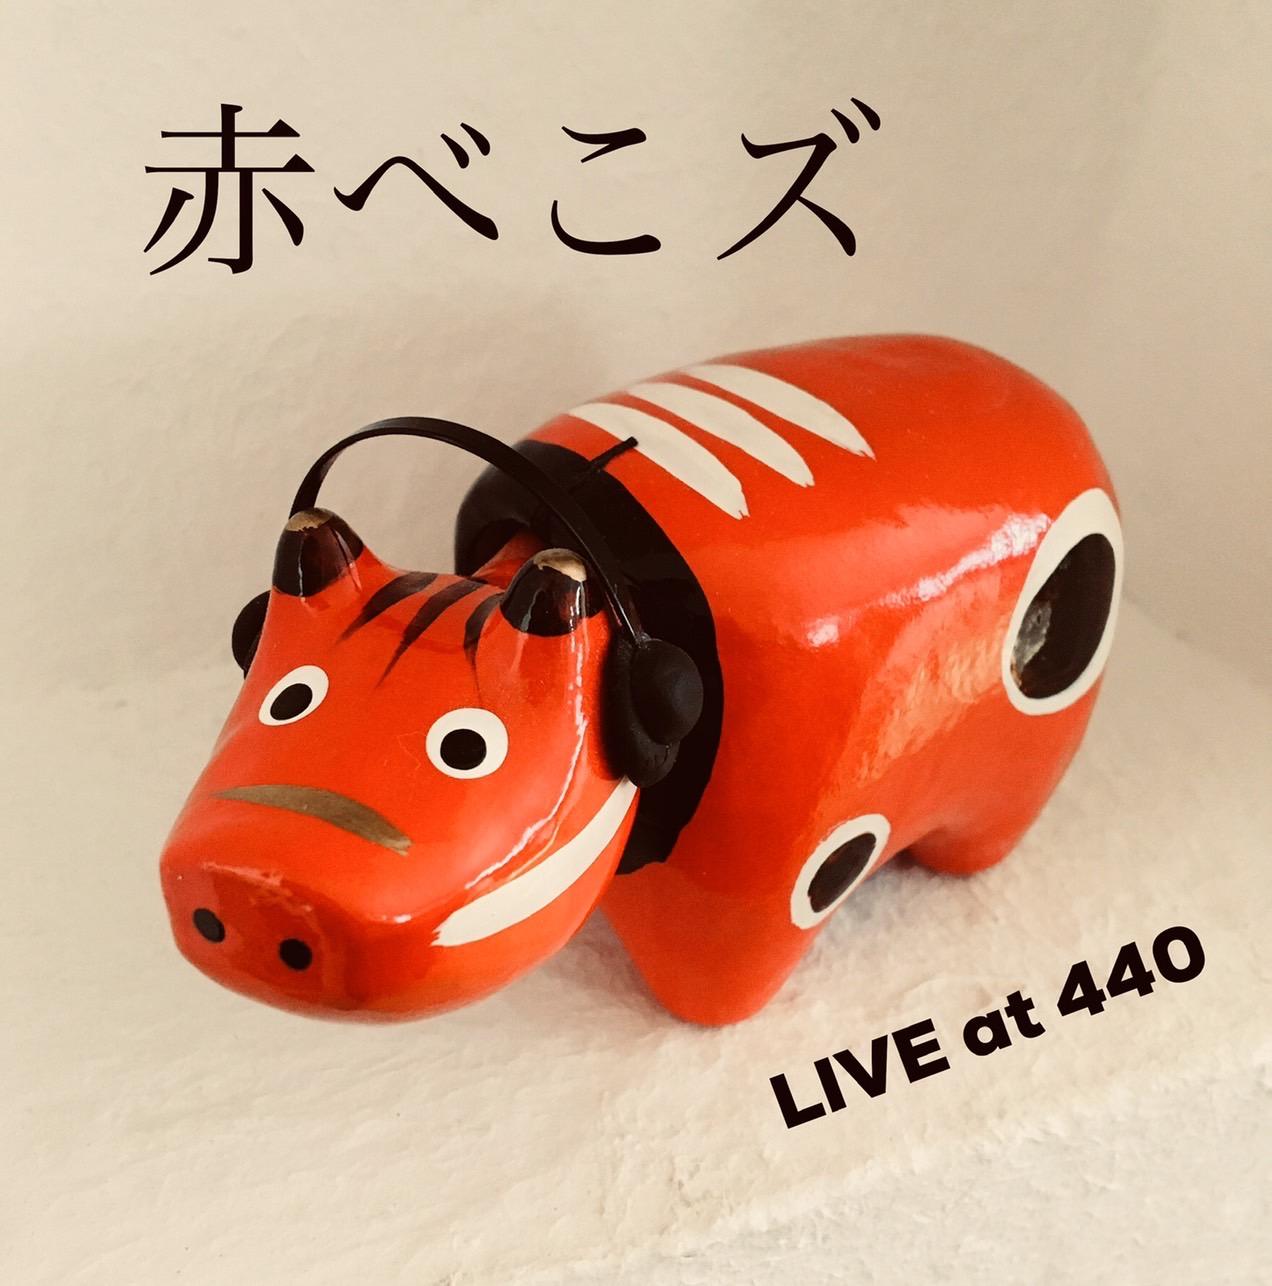 赤べこズ from 音速ライン | LIVE at 440